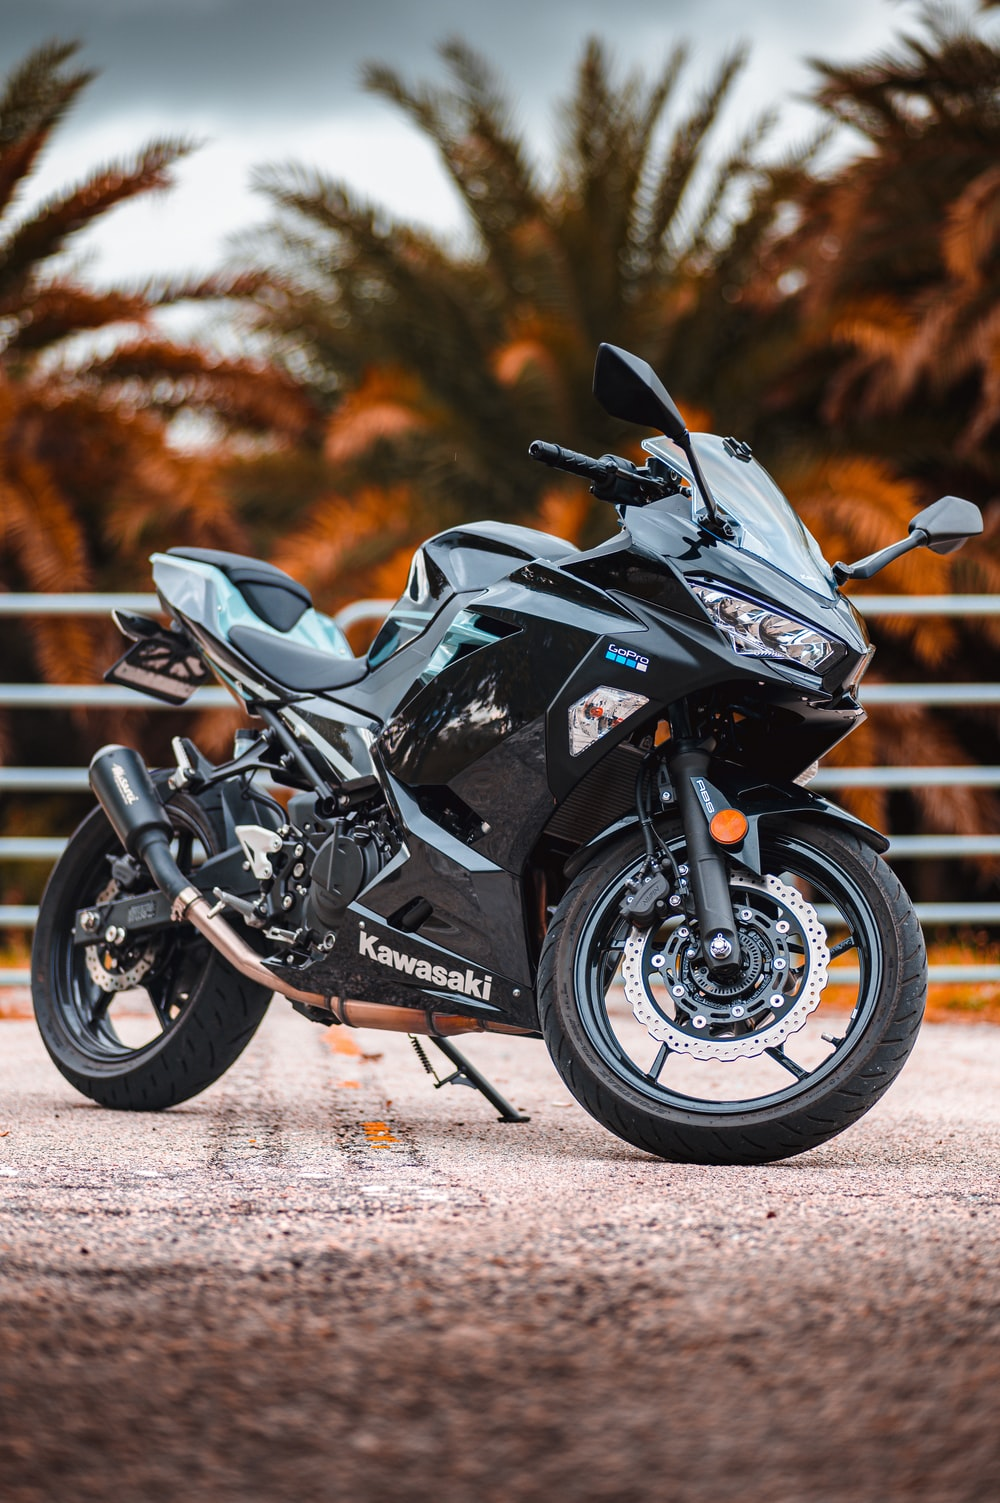 black and gray sports bike